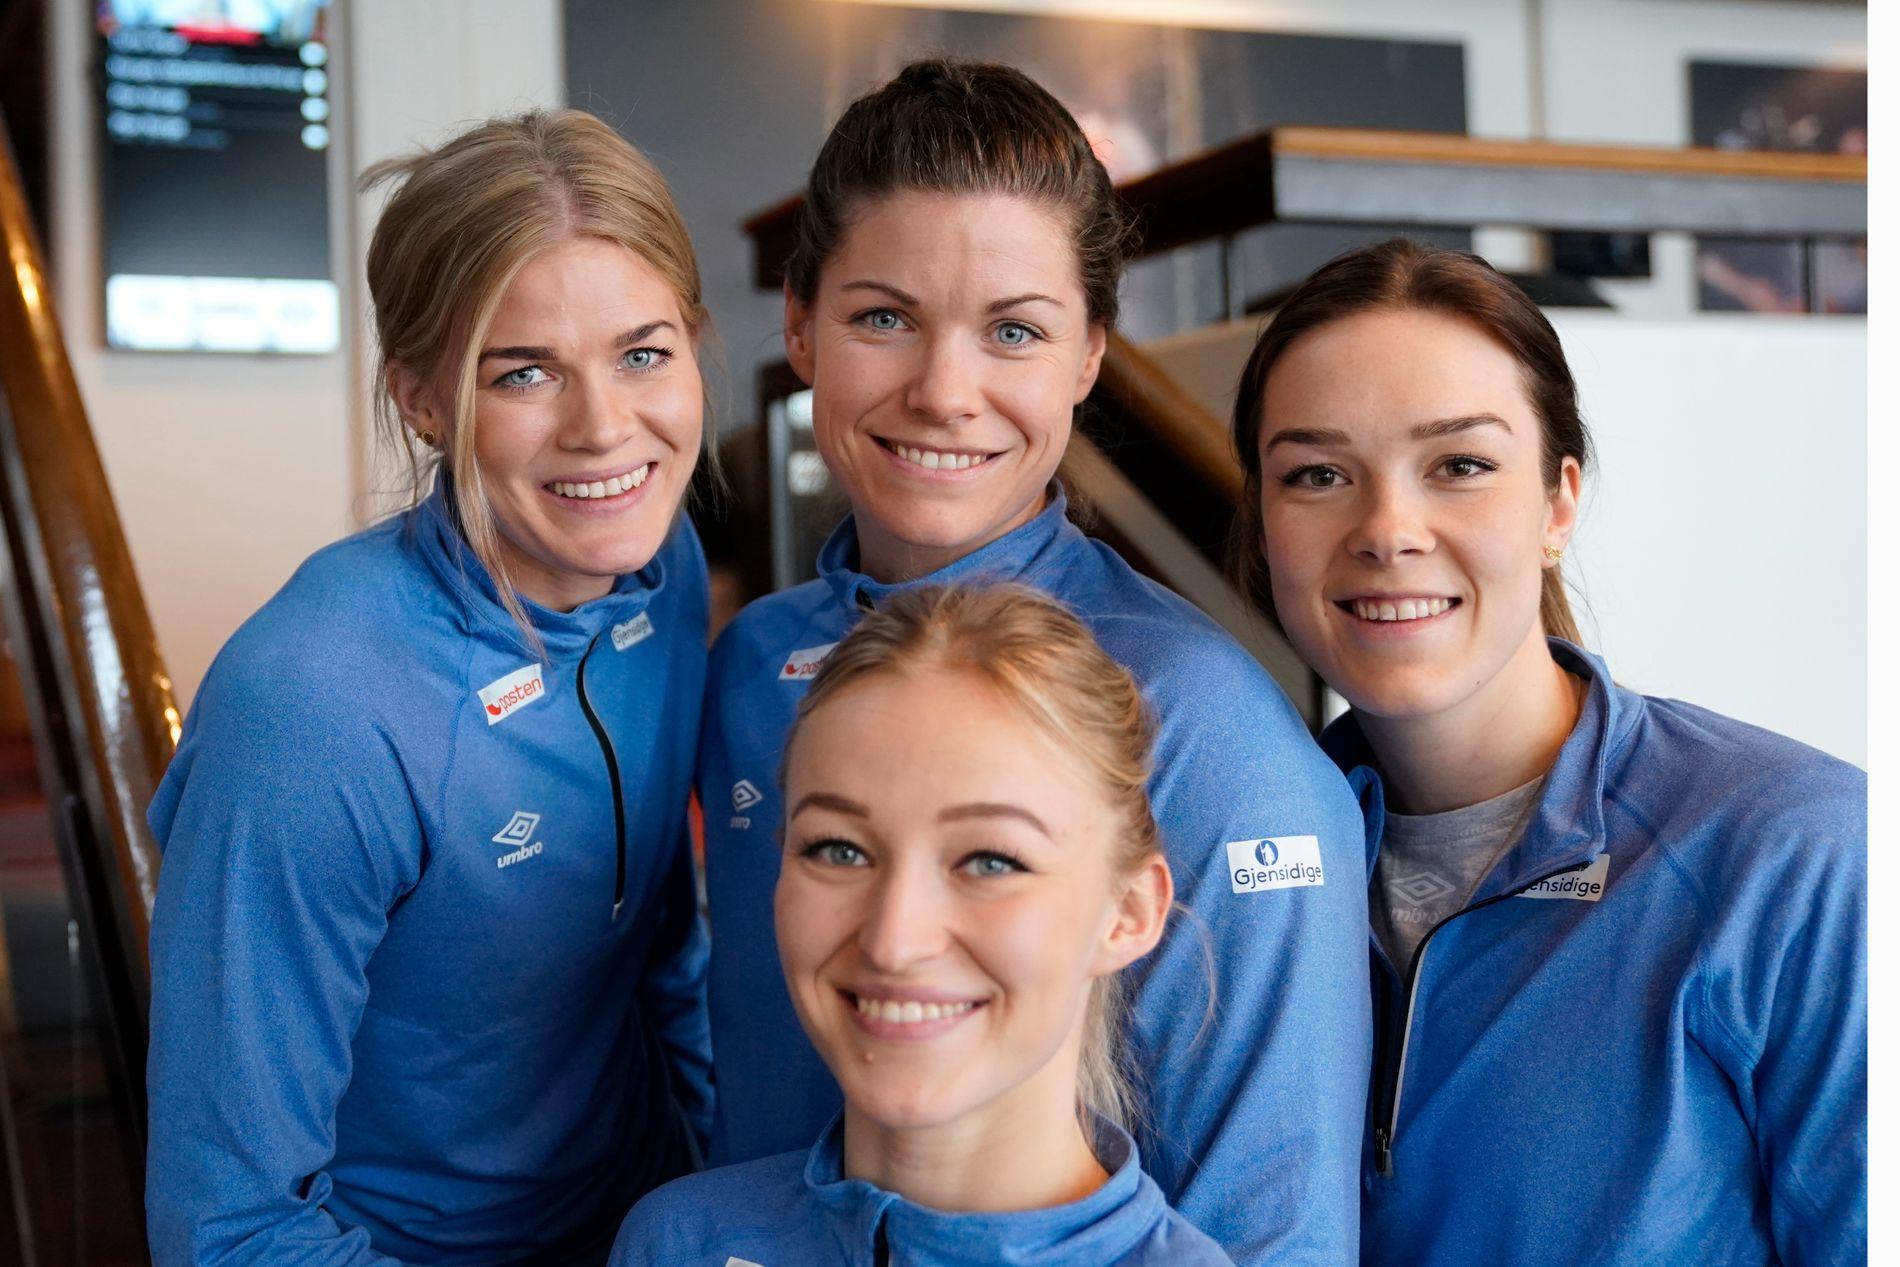 GYÖR-VENNINNER: Stine Bredal Oftedal (foran), Veronica Kristiansen (til venstre), Kari Aalvik Grimsbø og Kari Brattset blir alle lagvenninner sammen med Nora Mørk i Györ nesten sesong.